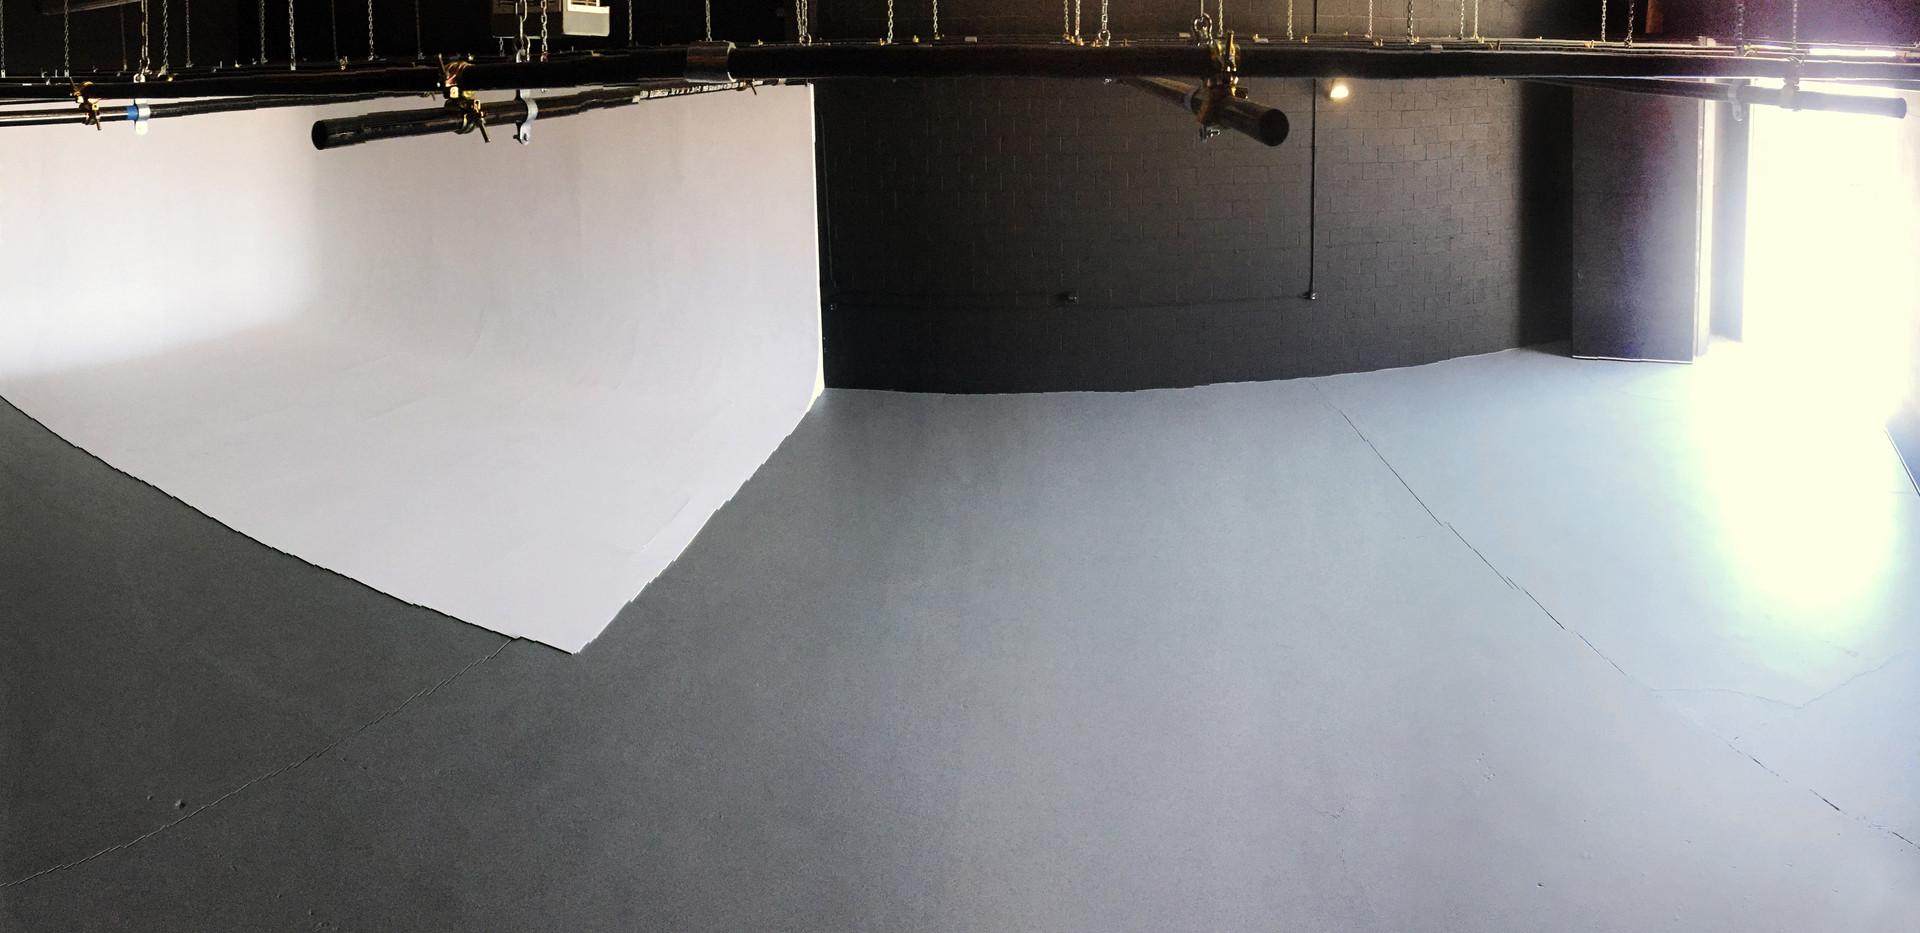 Sound Stage Renntal Los Angeles